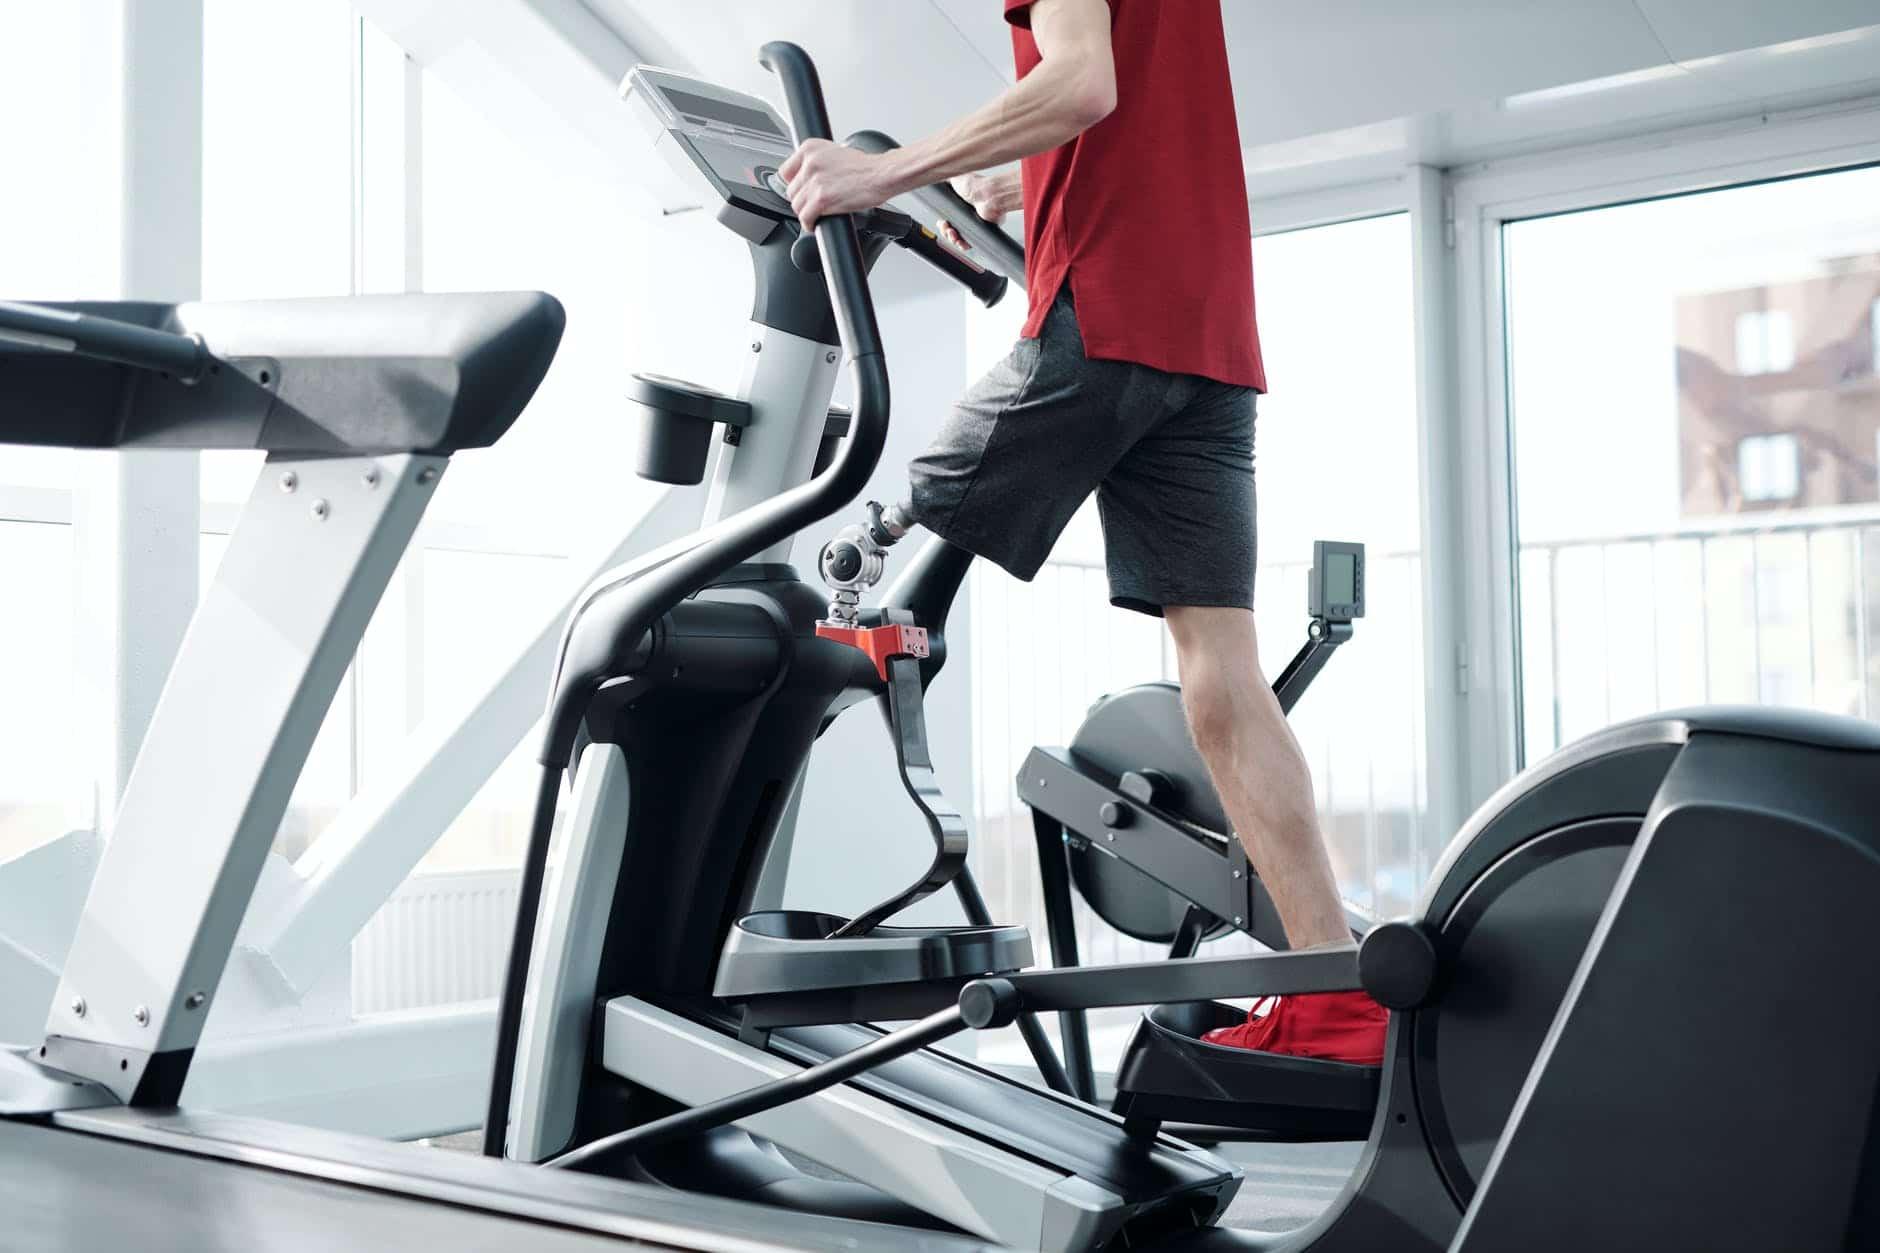 ProForm 2000 Treadmill Black Friday Deal 2021